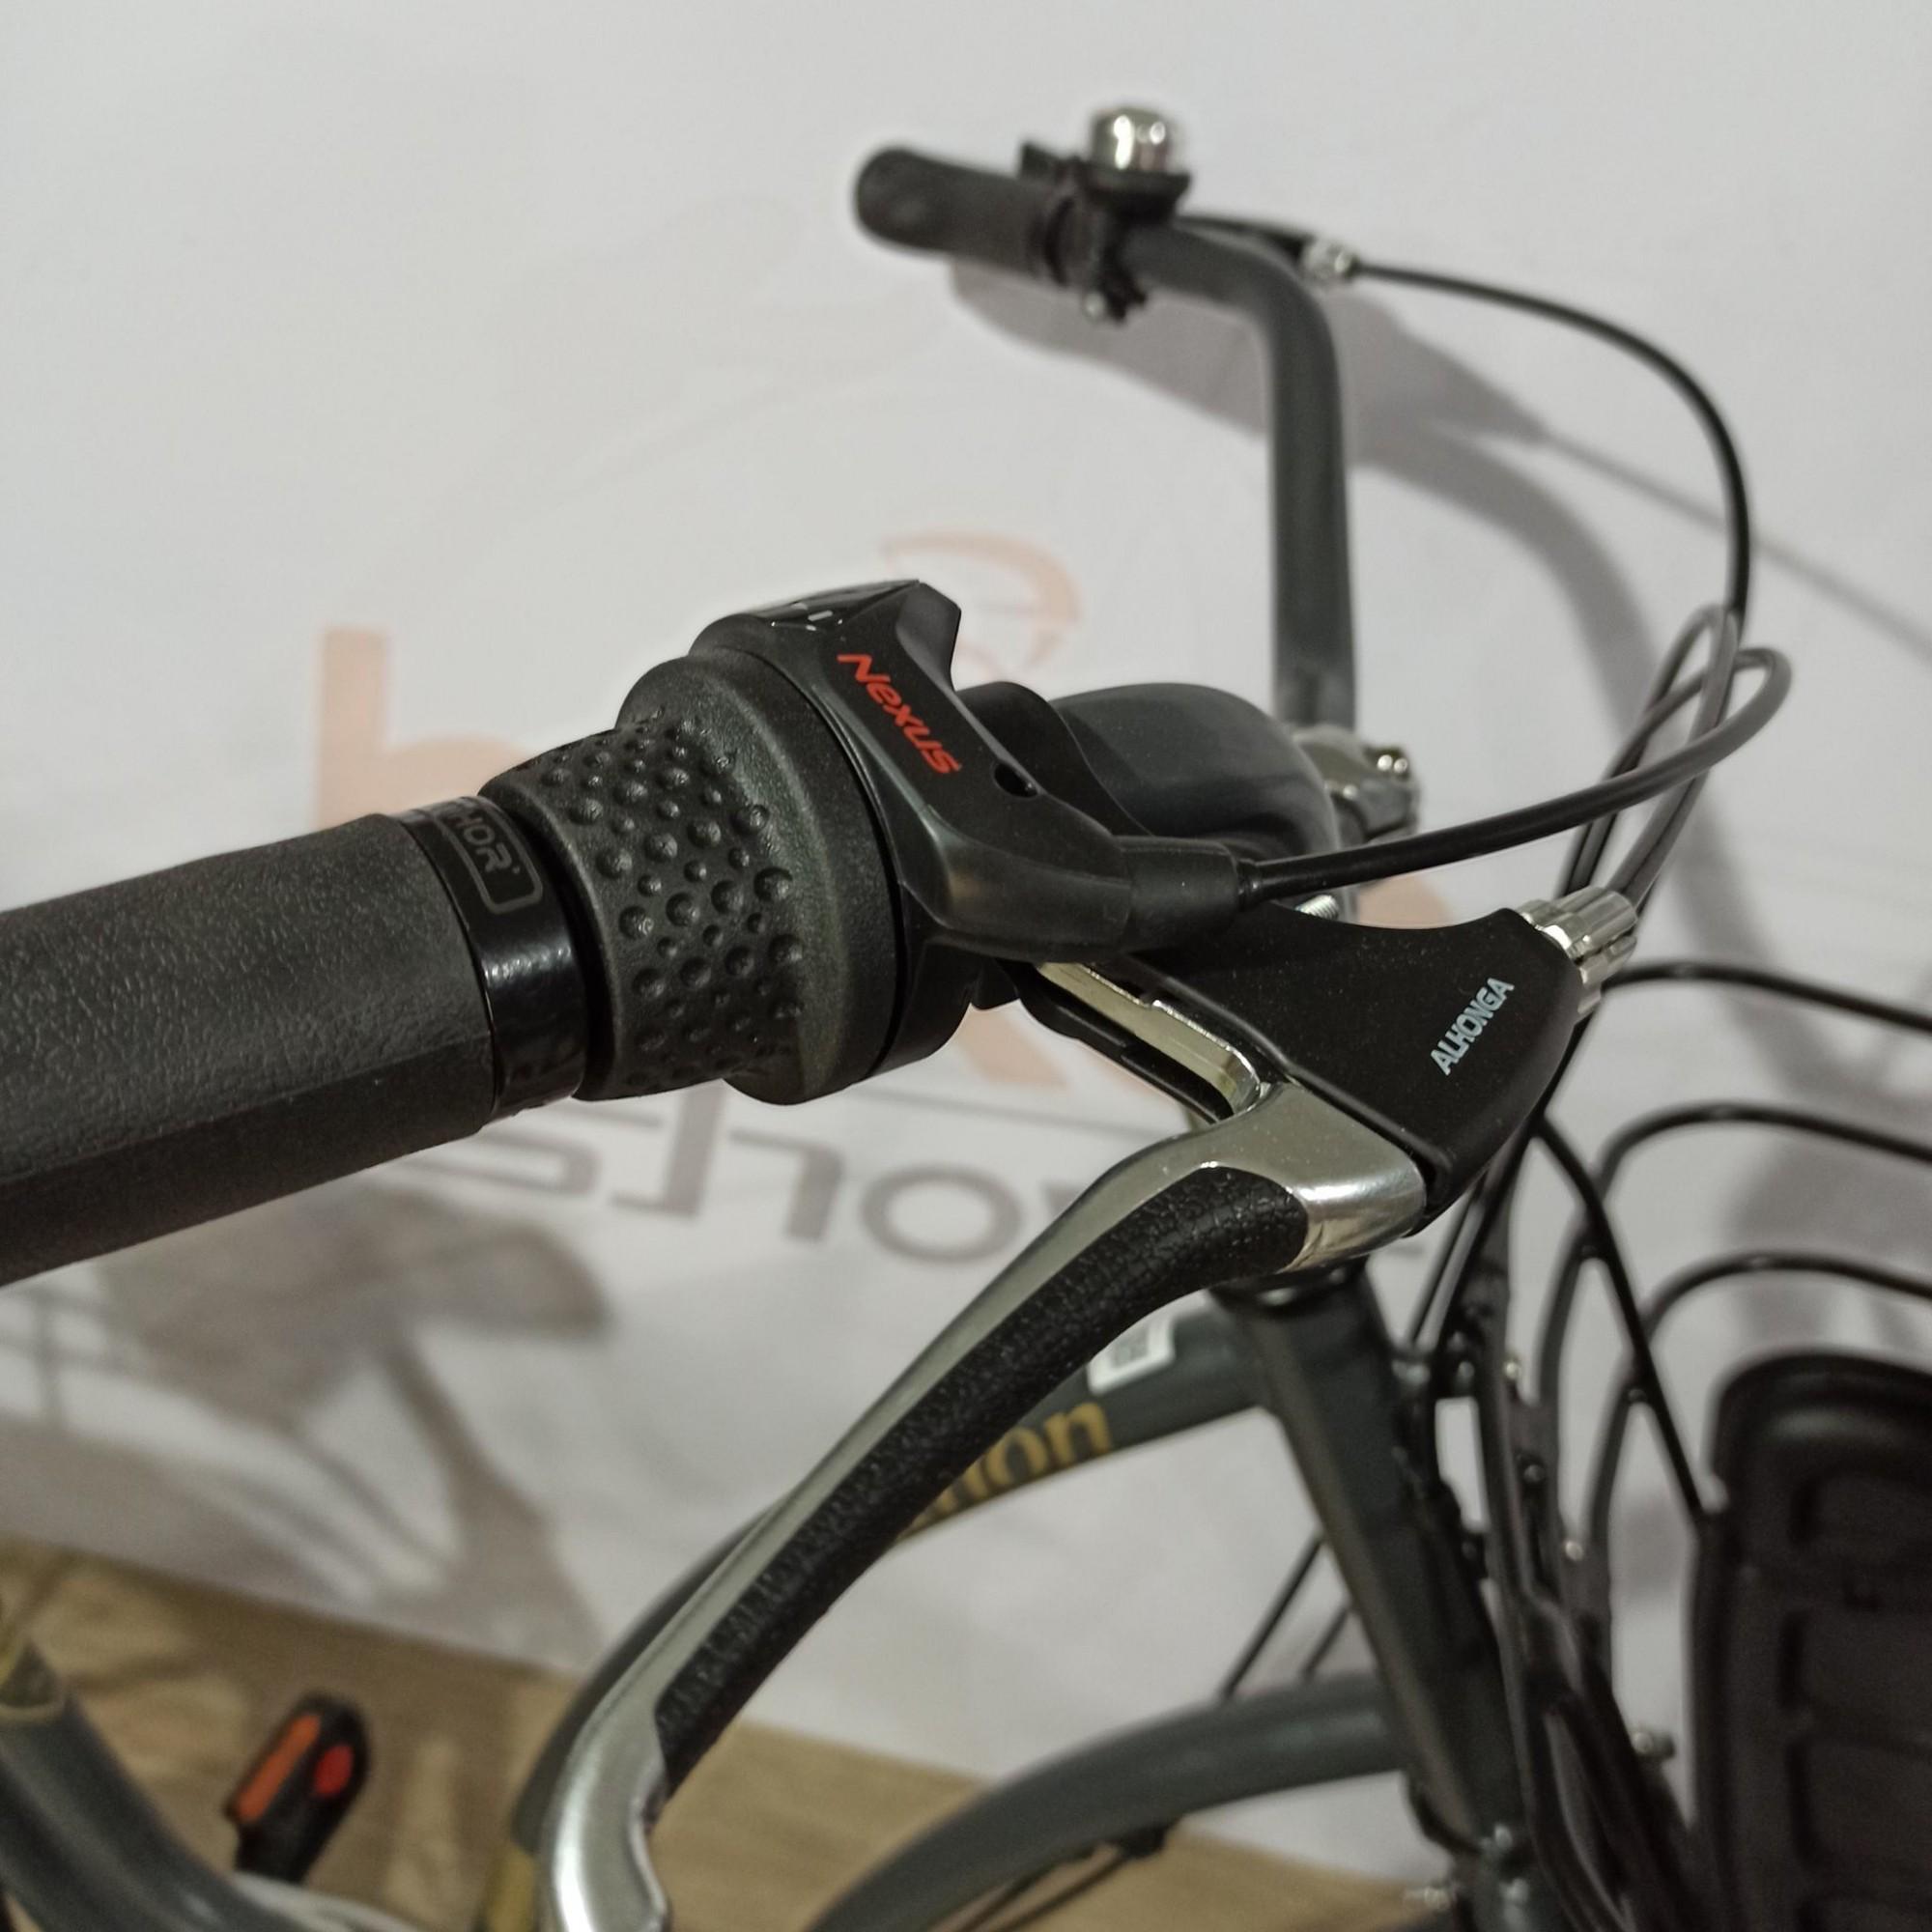 Bicicleta NATHOR Anthon aro 26 - 3v Shimano Nexus - Movimento Central Avançado - Cor Grafite